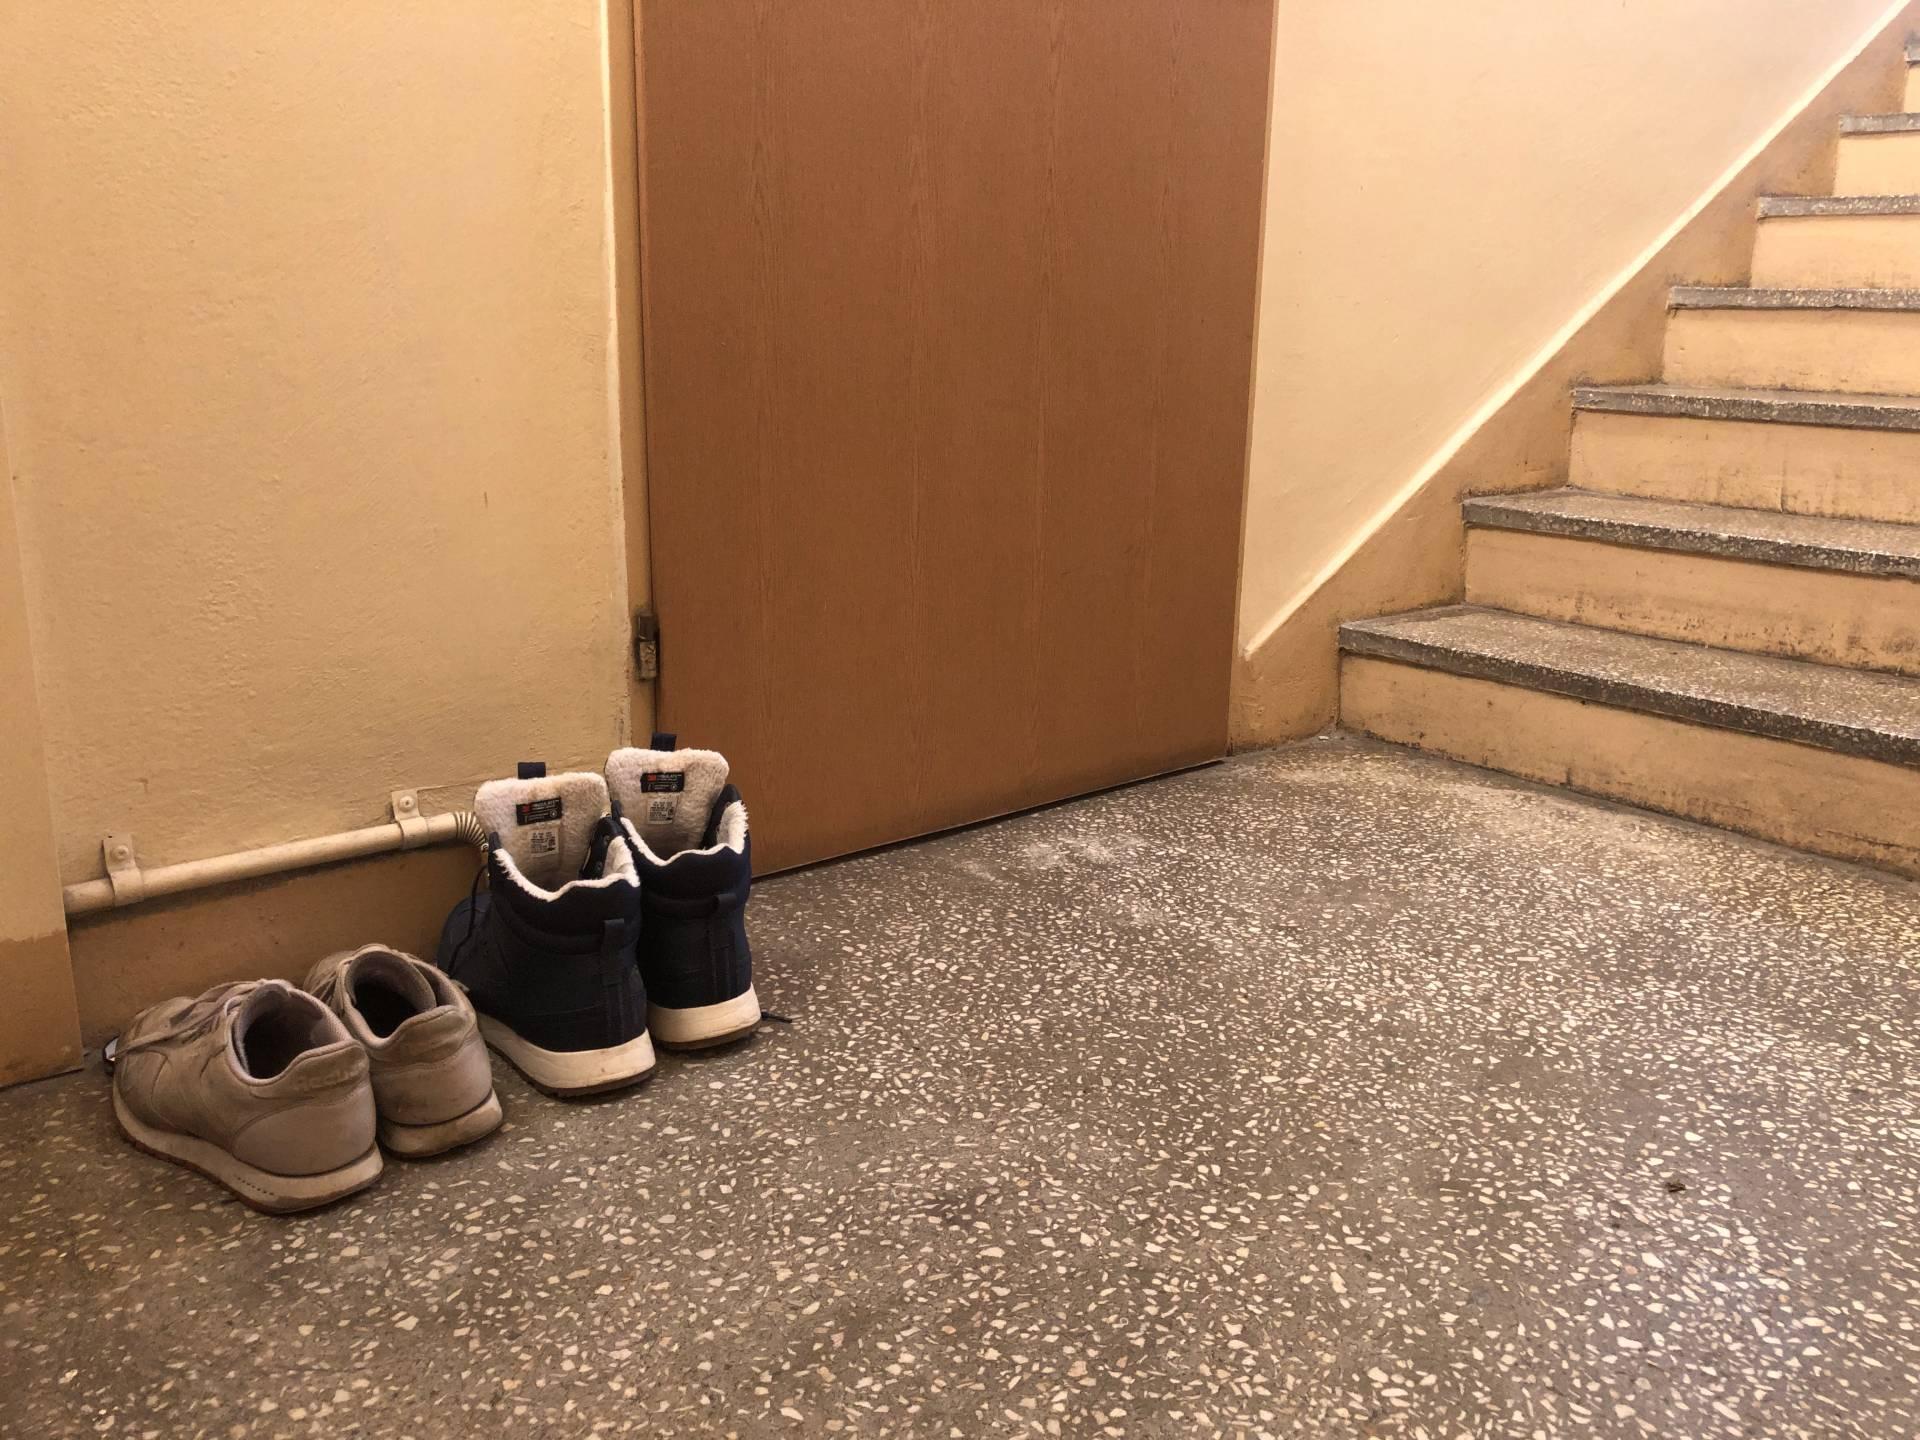 Buty zostawione przed wejściem do mieszkania